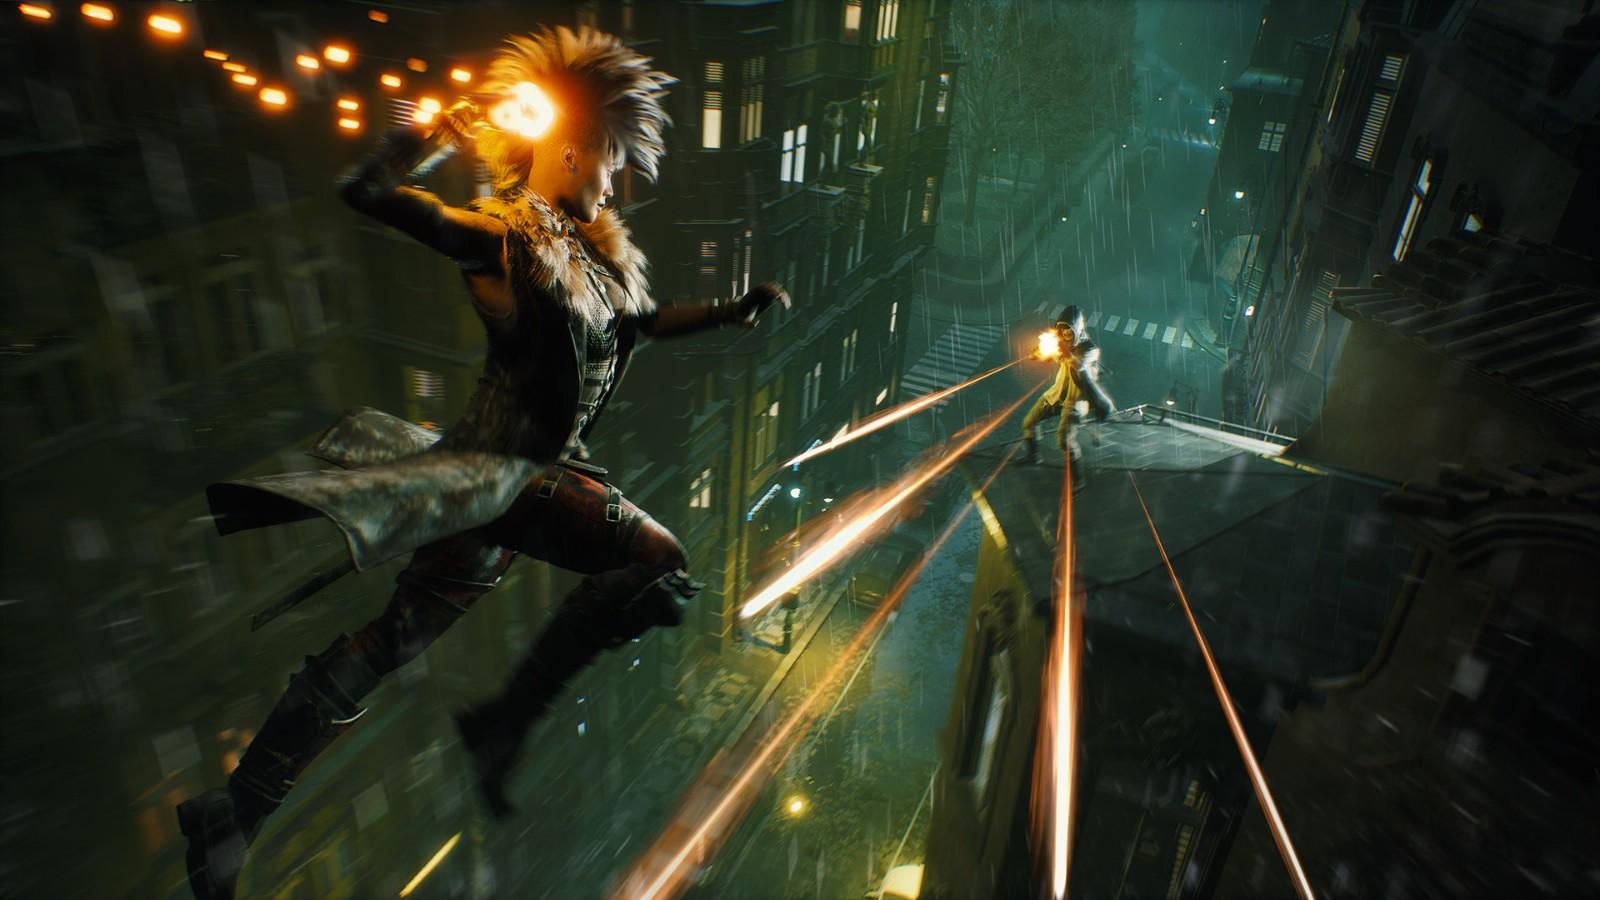 《吸血鬼:避世血族》免费大逃杀游戏定名《血猎》 7月封测